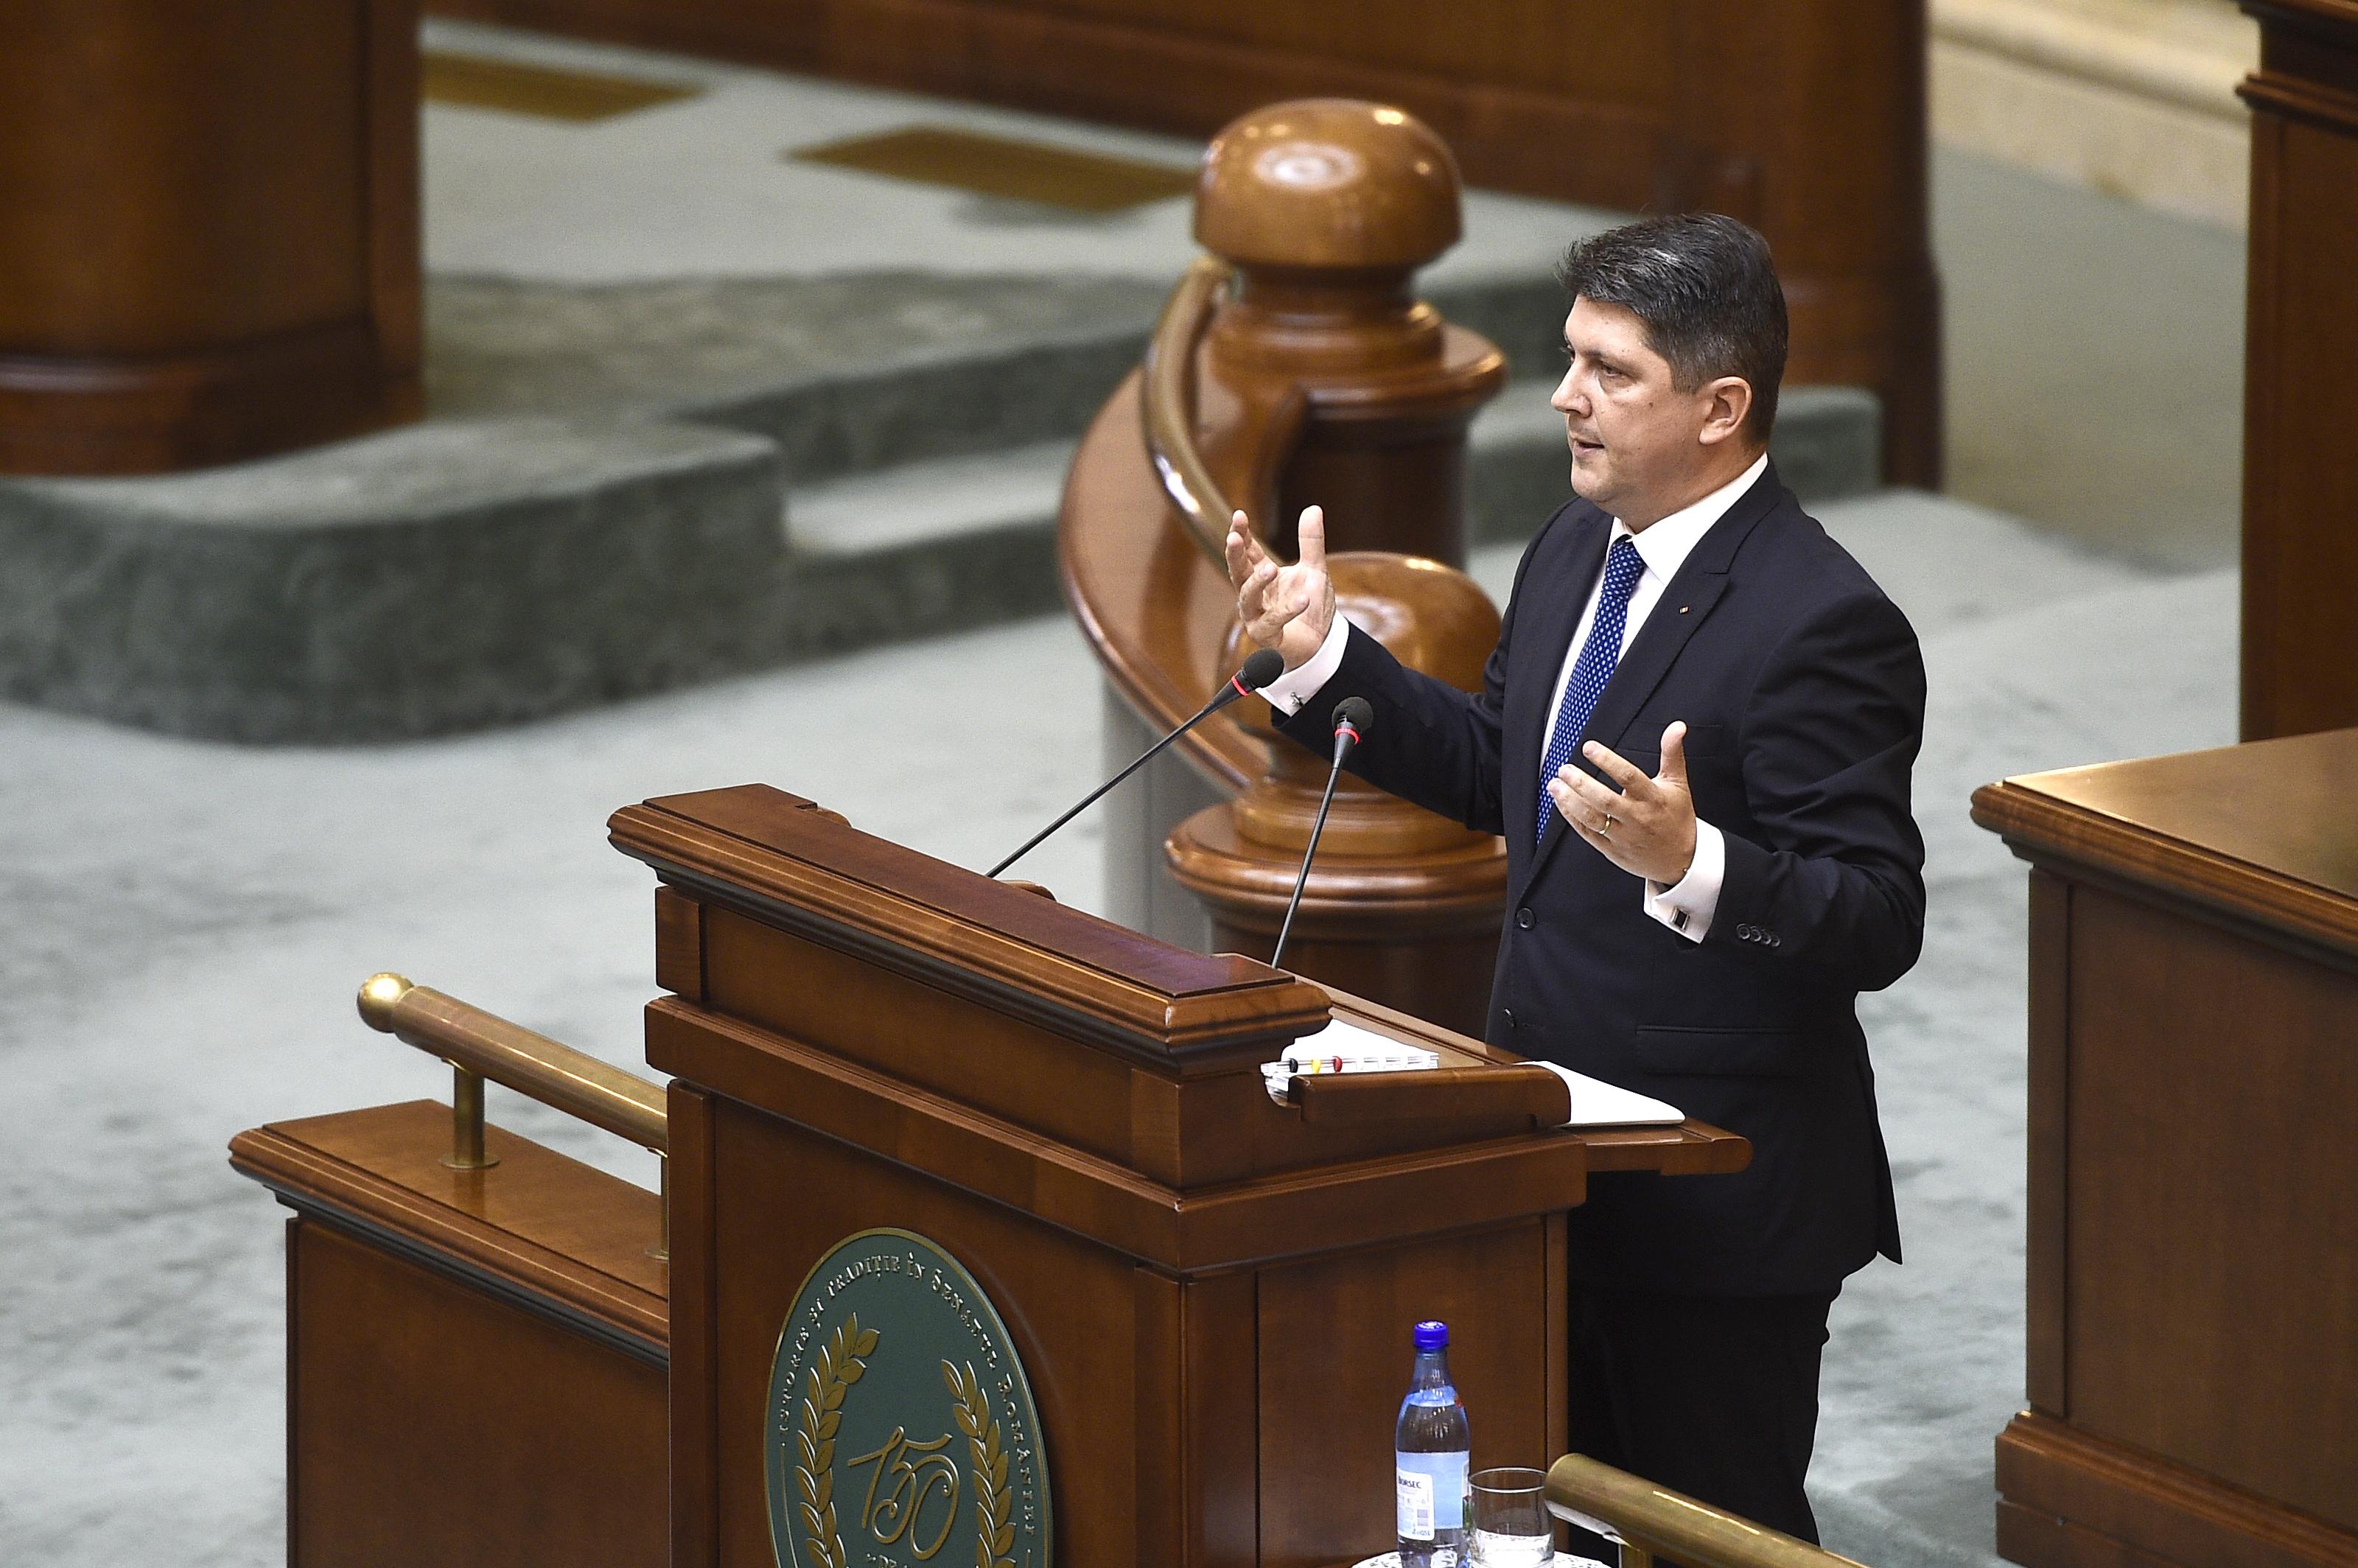 Senatul a respins cererea DNA de urmarire penala a lui Titus Corlatean in dosarul Diaspora. Reactia lui Iohannis